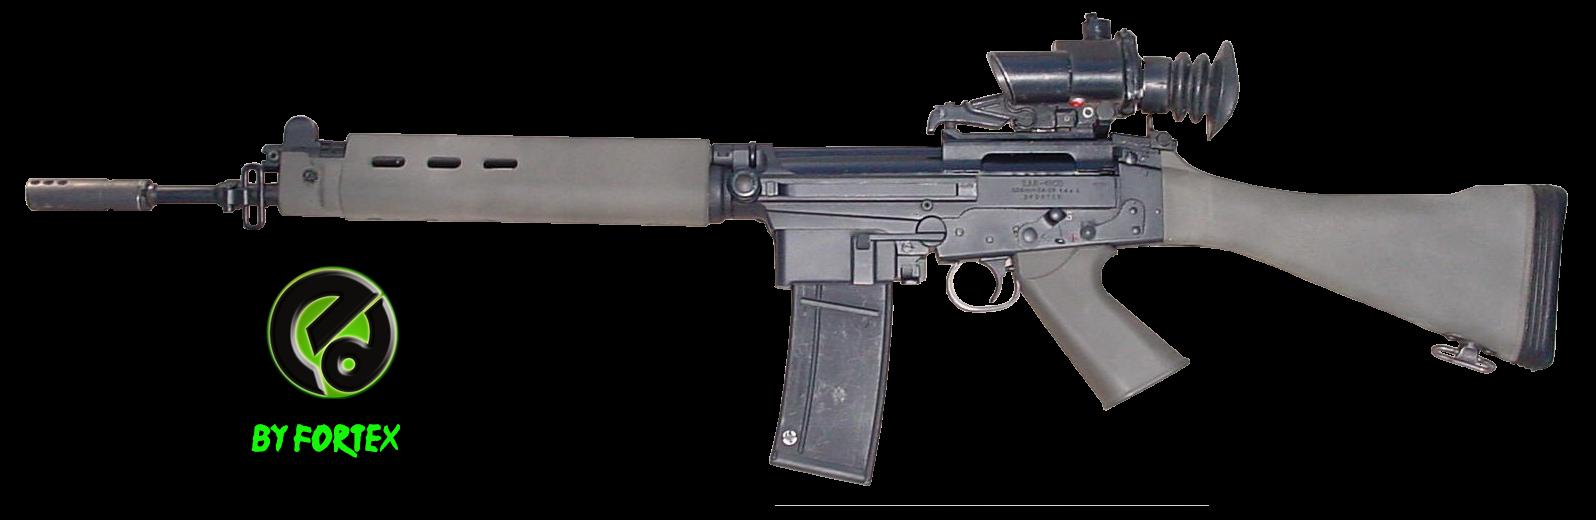 armas de fuego - MEGA RENDERS